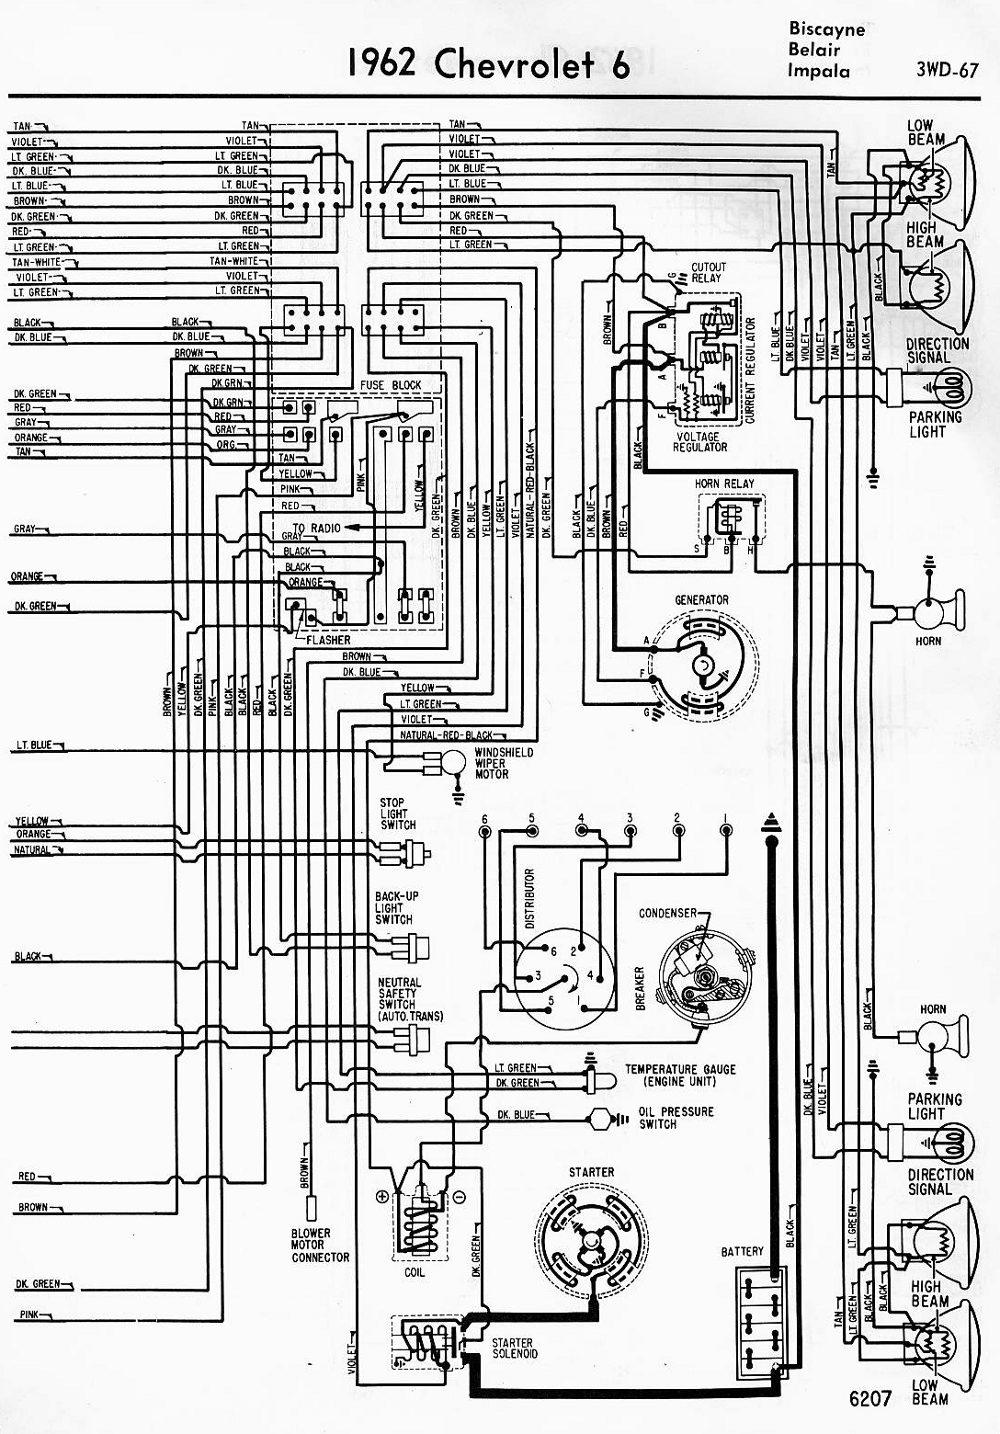 62 Impala Wiring Diagrams -Pac Sni 15 Wiring Diagram | Begeboy Wiring  Diagram SourceBegeboy Wiring Diagram Source